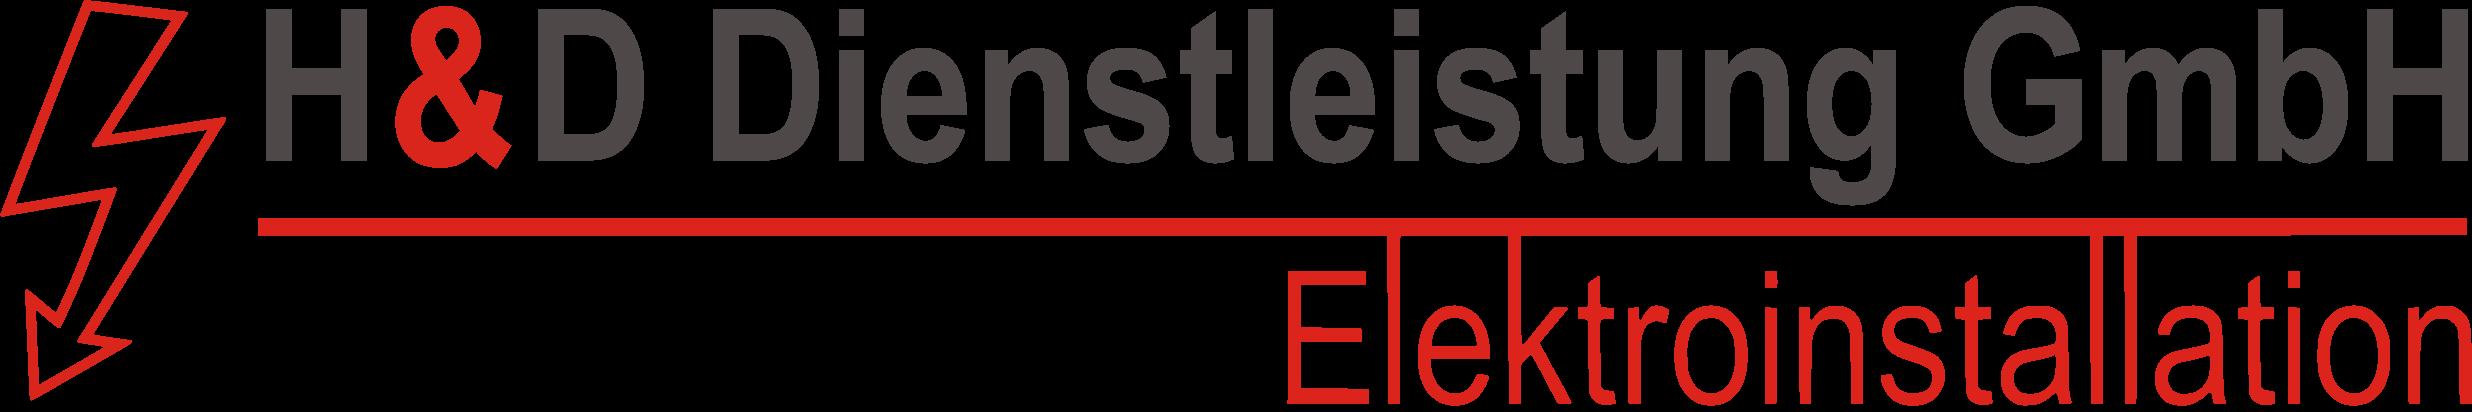 H&D Dienstleistungen GmbH | Abteilung Elektroinstallation